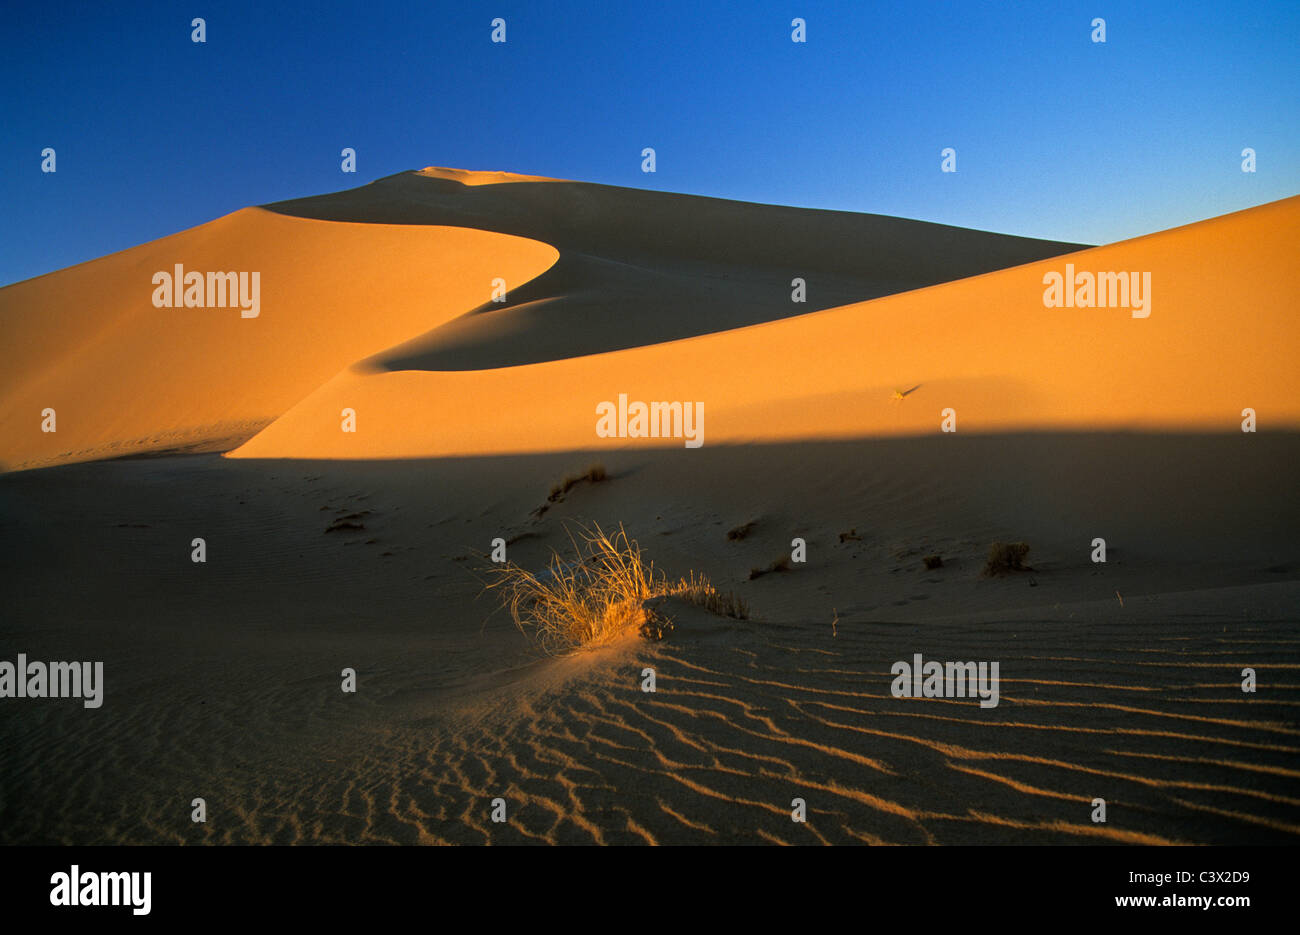 Argelia, Djanet, Sahara postre, plantas que sobreviven en la arena. Las dunas de arena. Imagen De Stock